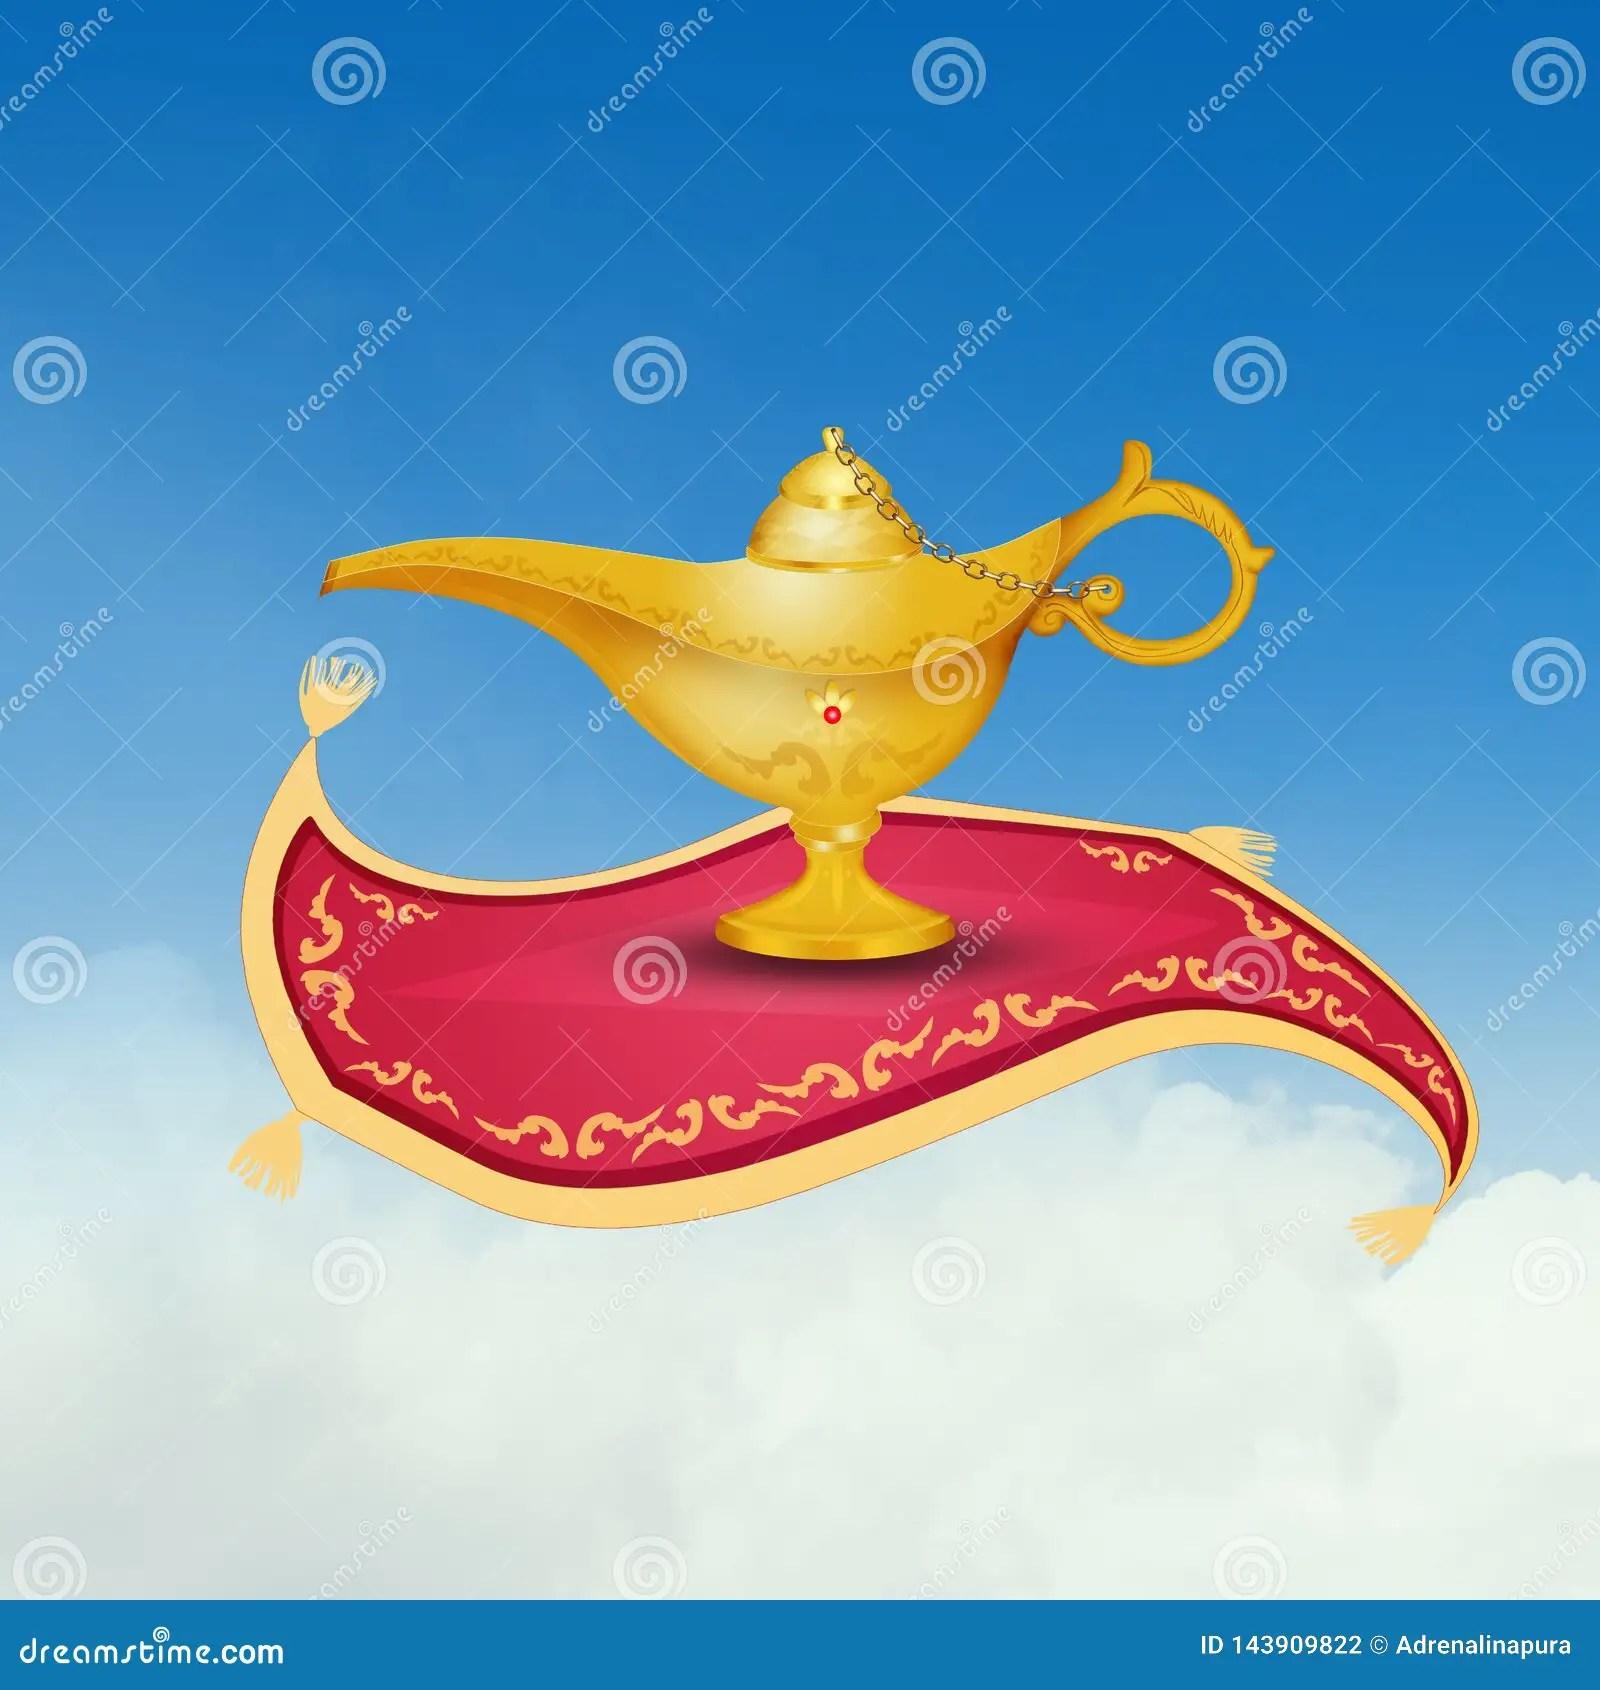 https fr dreamstime com lampe d aladdin tapis volant illustration image143909822